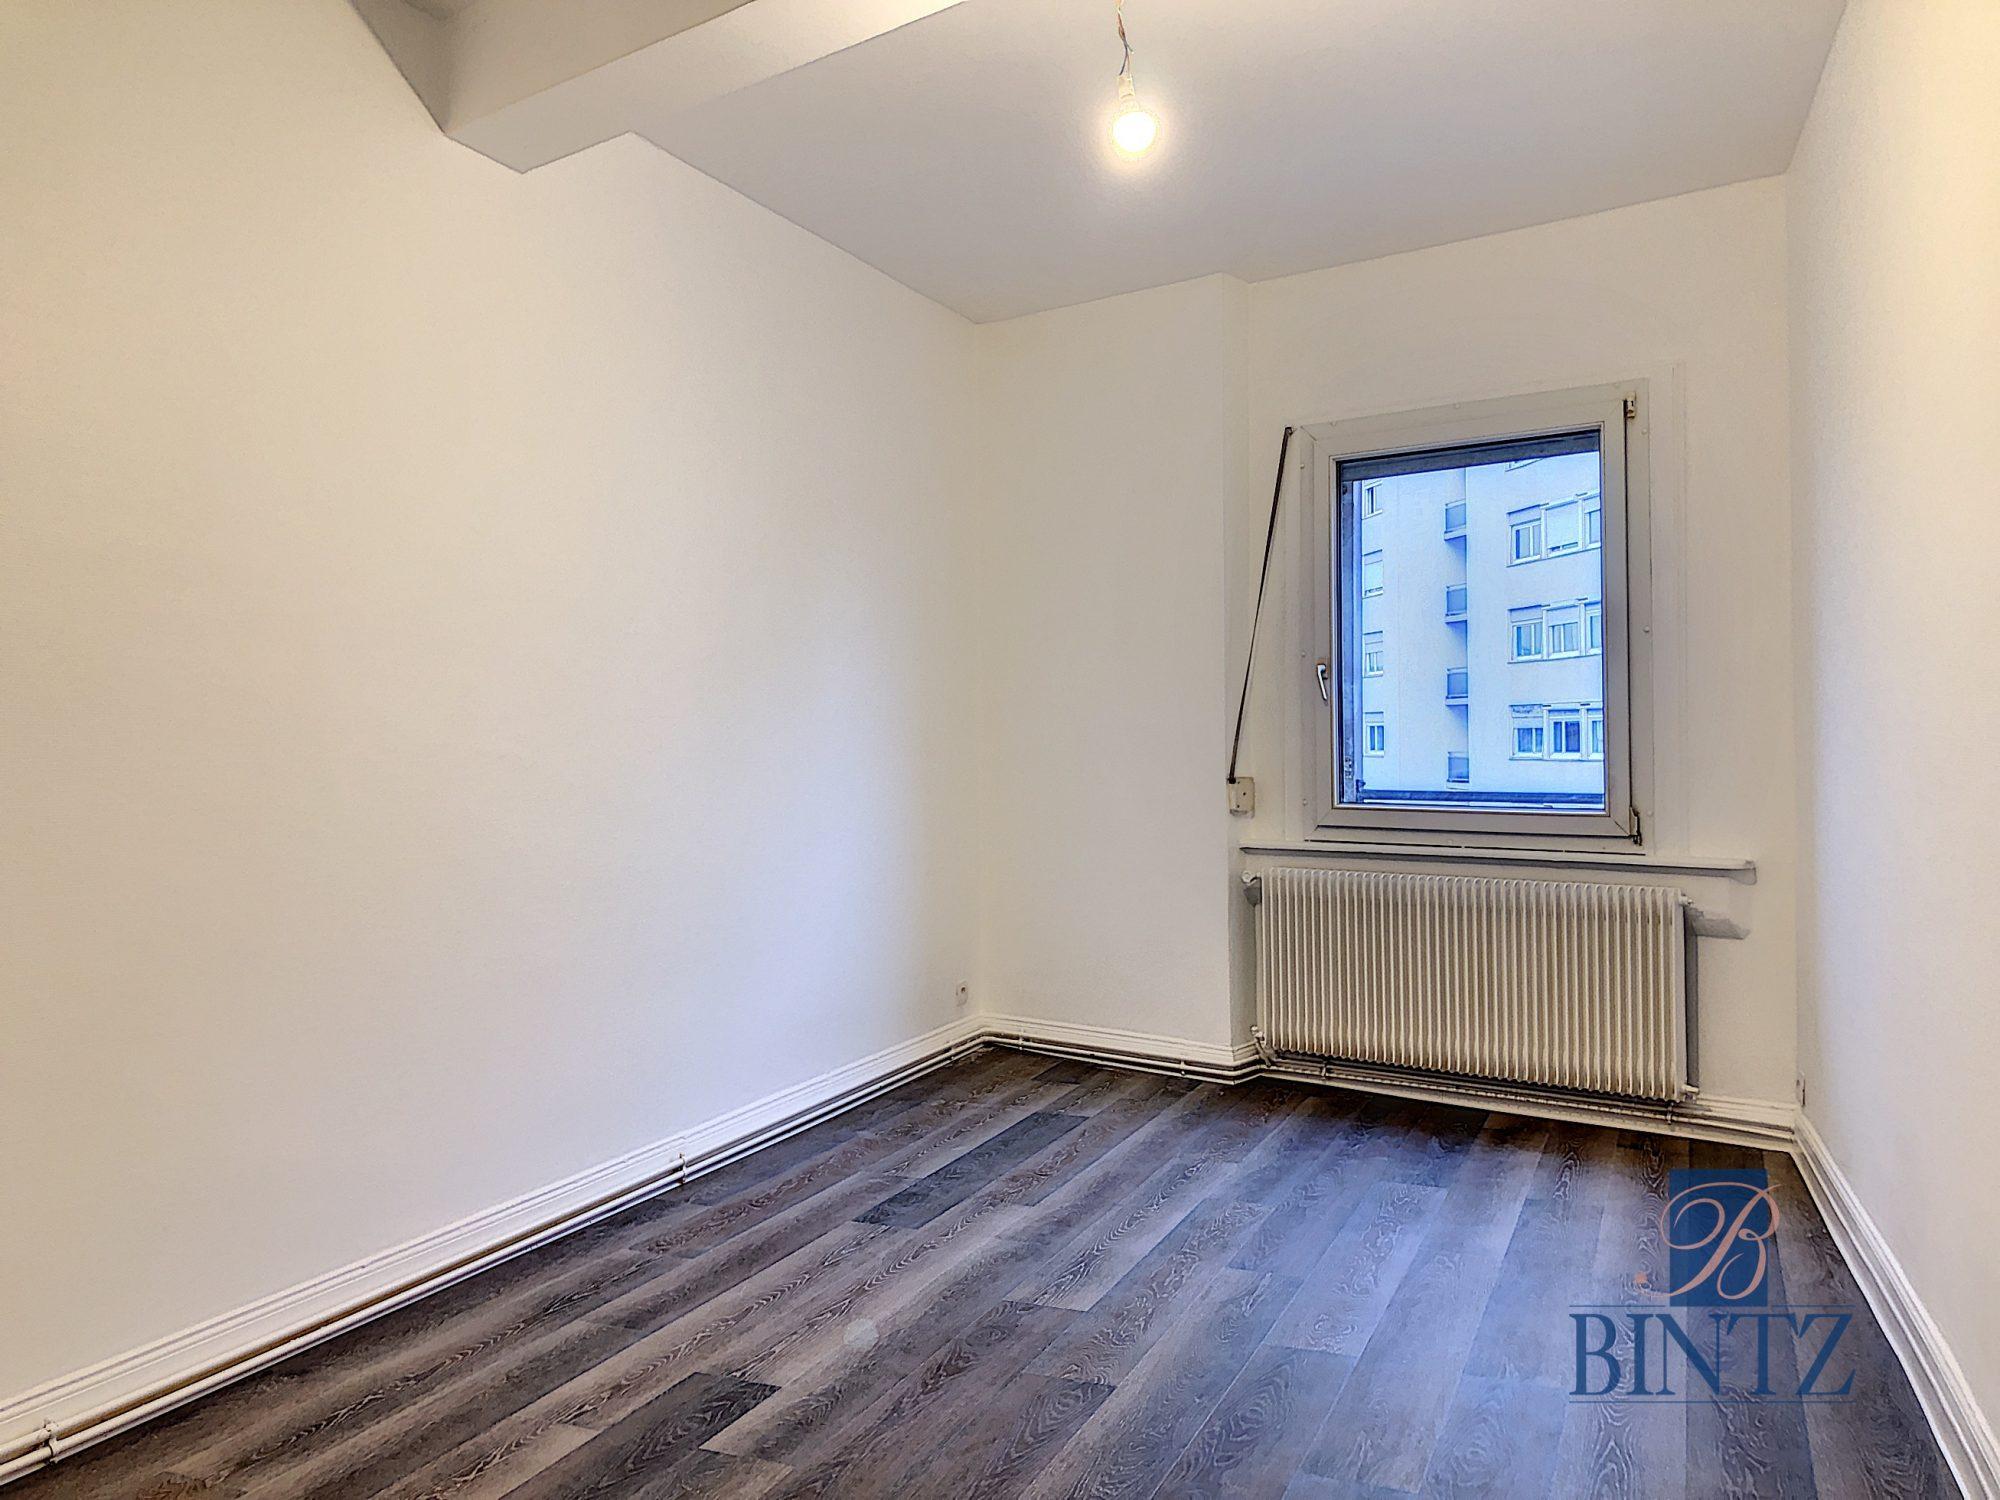 4 PIECES EN DUPLEX KRUTENAU - Devenez locataire en toute sérénité - Bintz Immobilier - 5